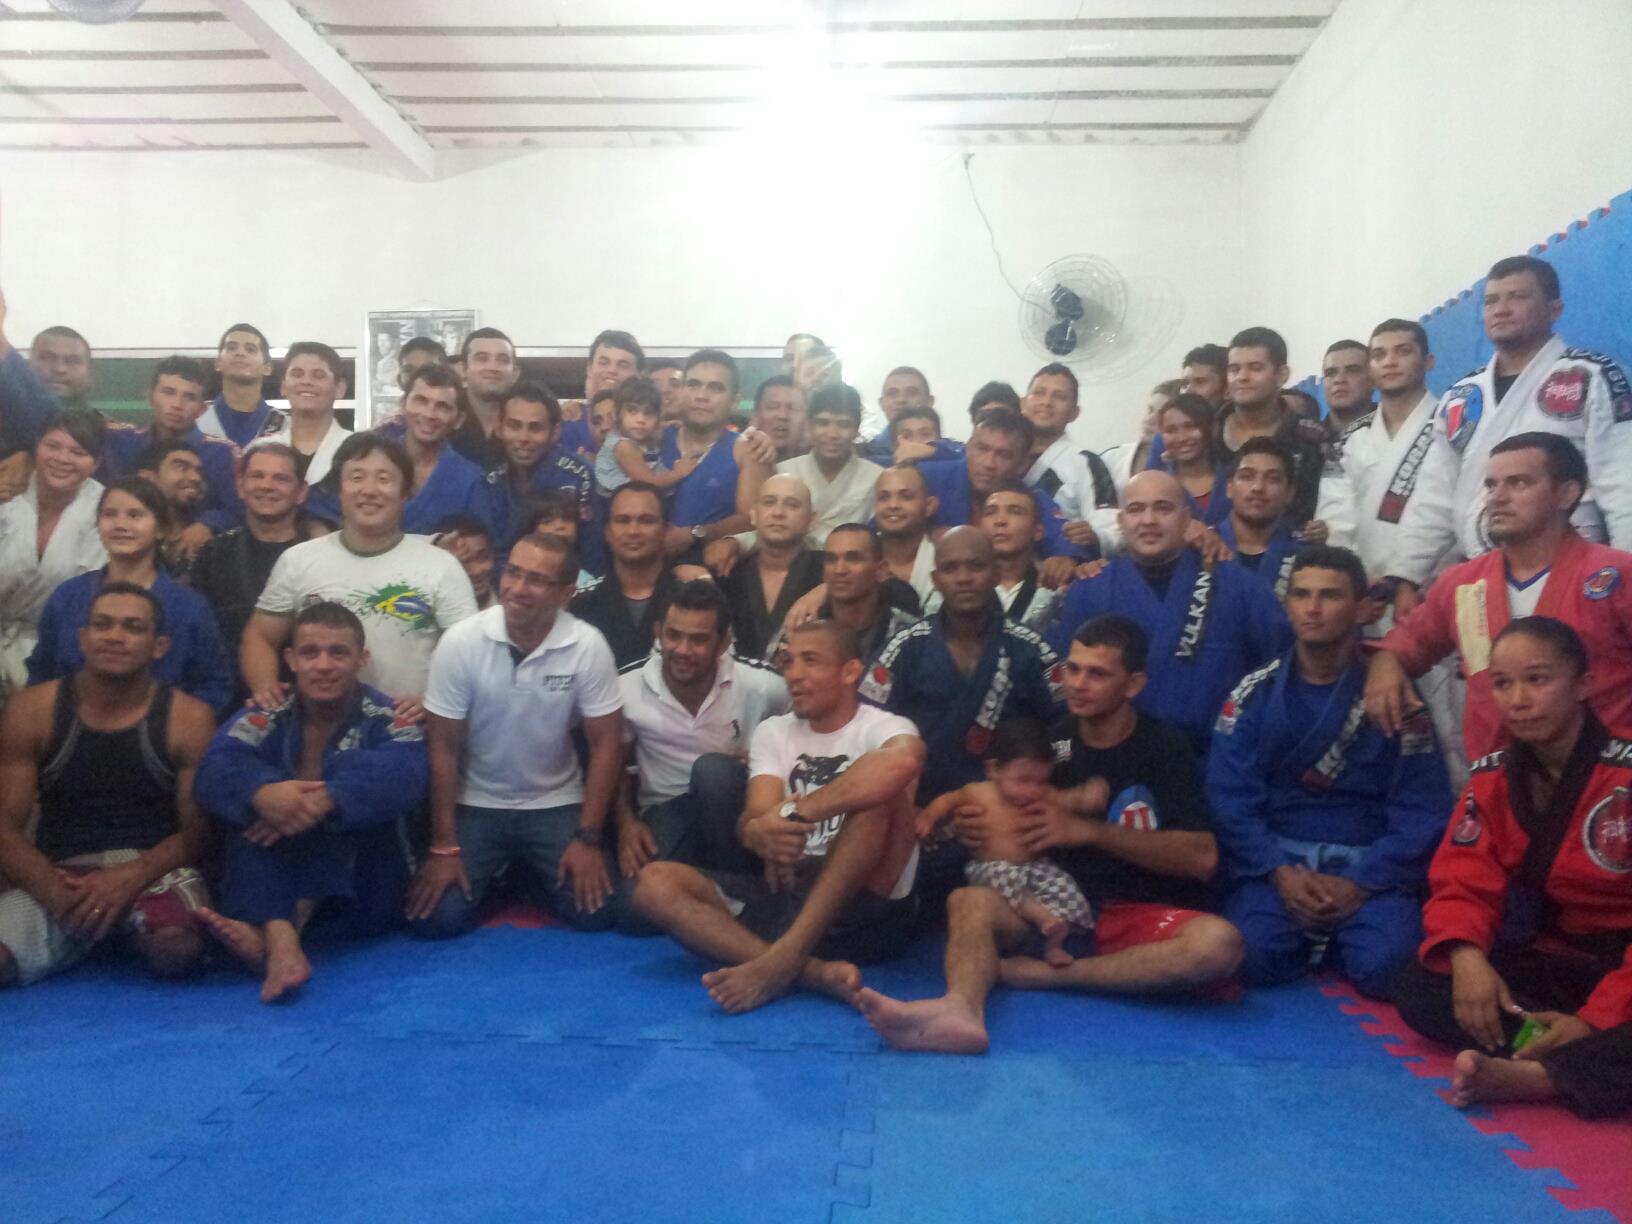 Campeão José Aldo depois do aulão de Jiu-Jitsu em Manaus. Foto: Divulgação